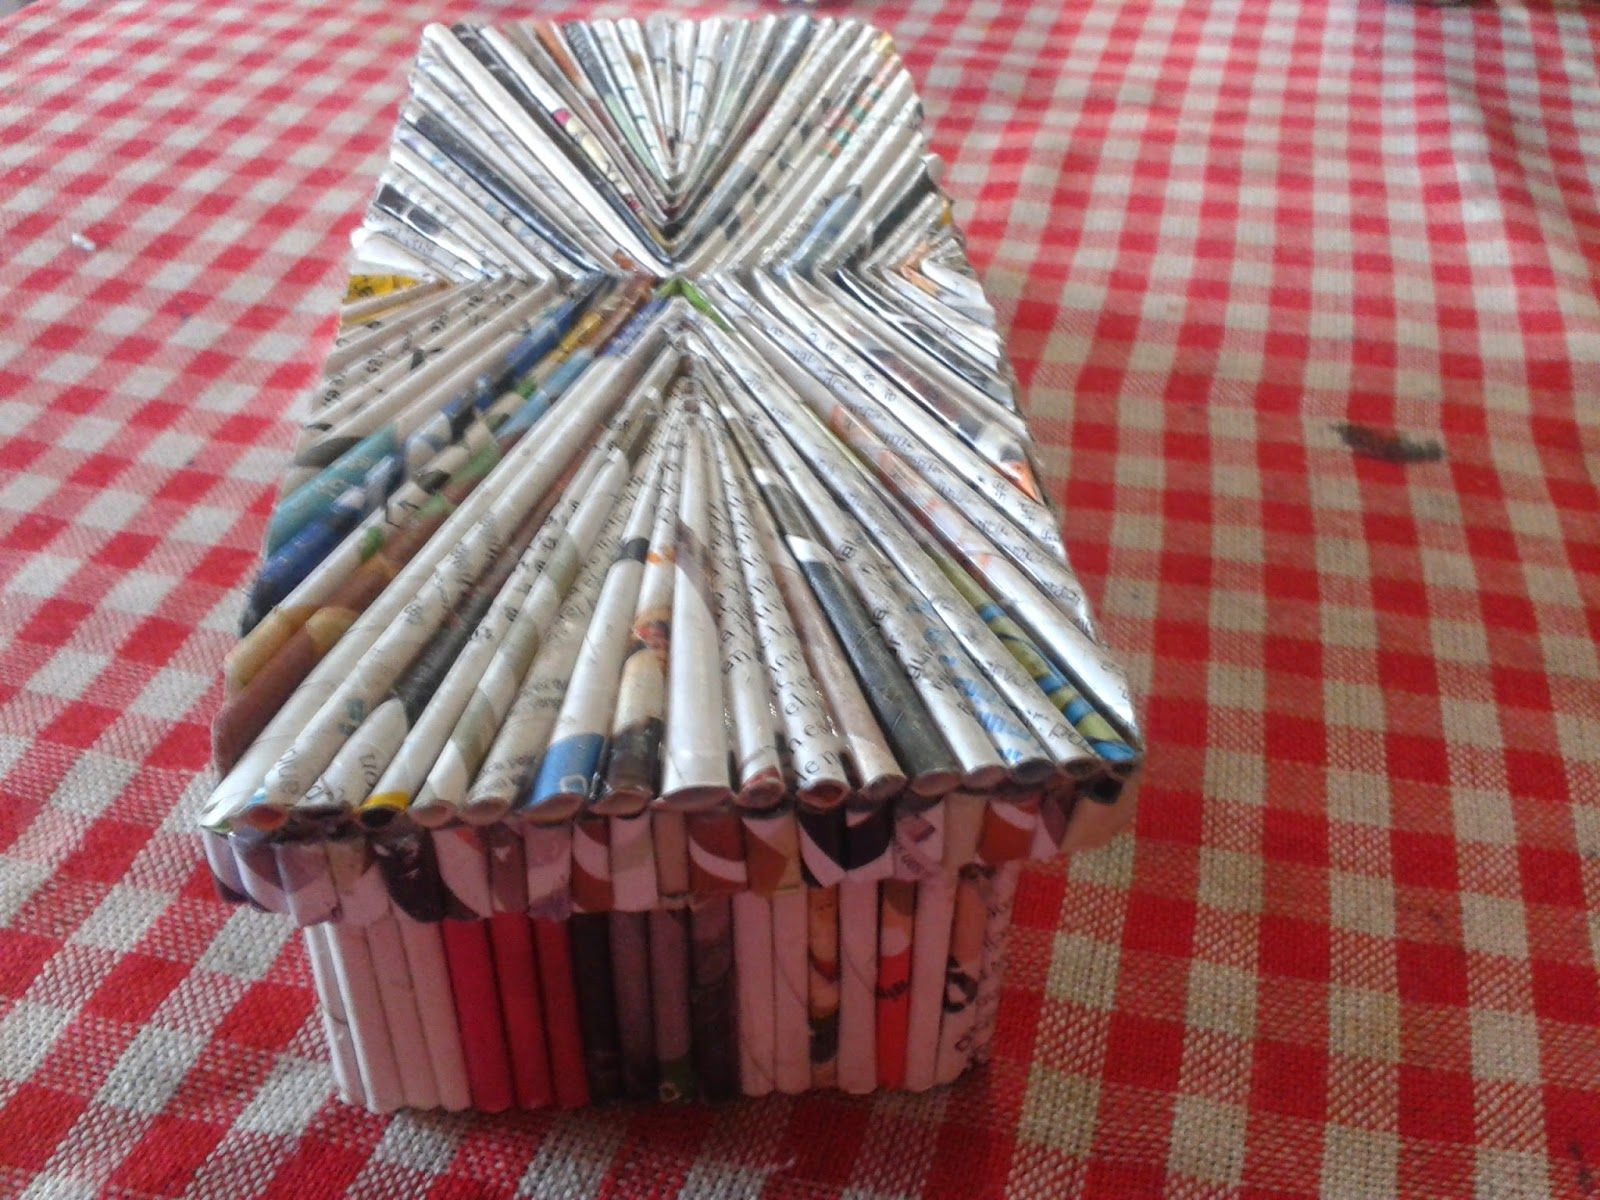 Cesteria en papel paso a paso buscar con google - Cesteria con papel periodico paso a paso ...